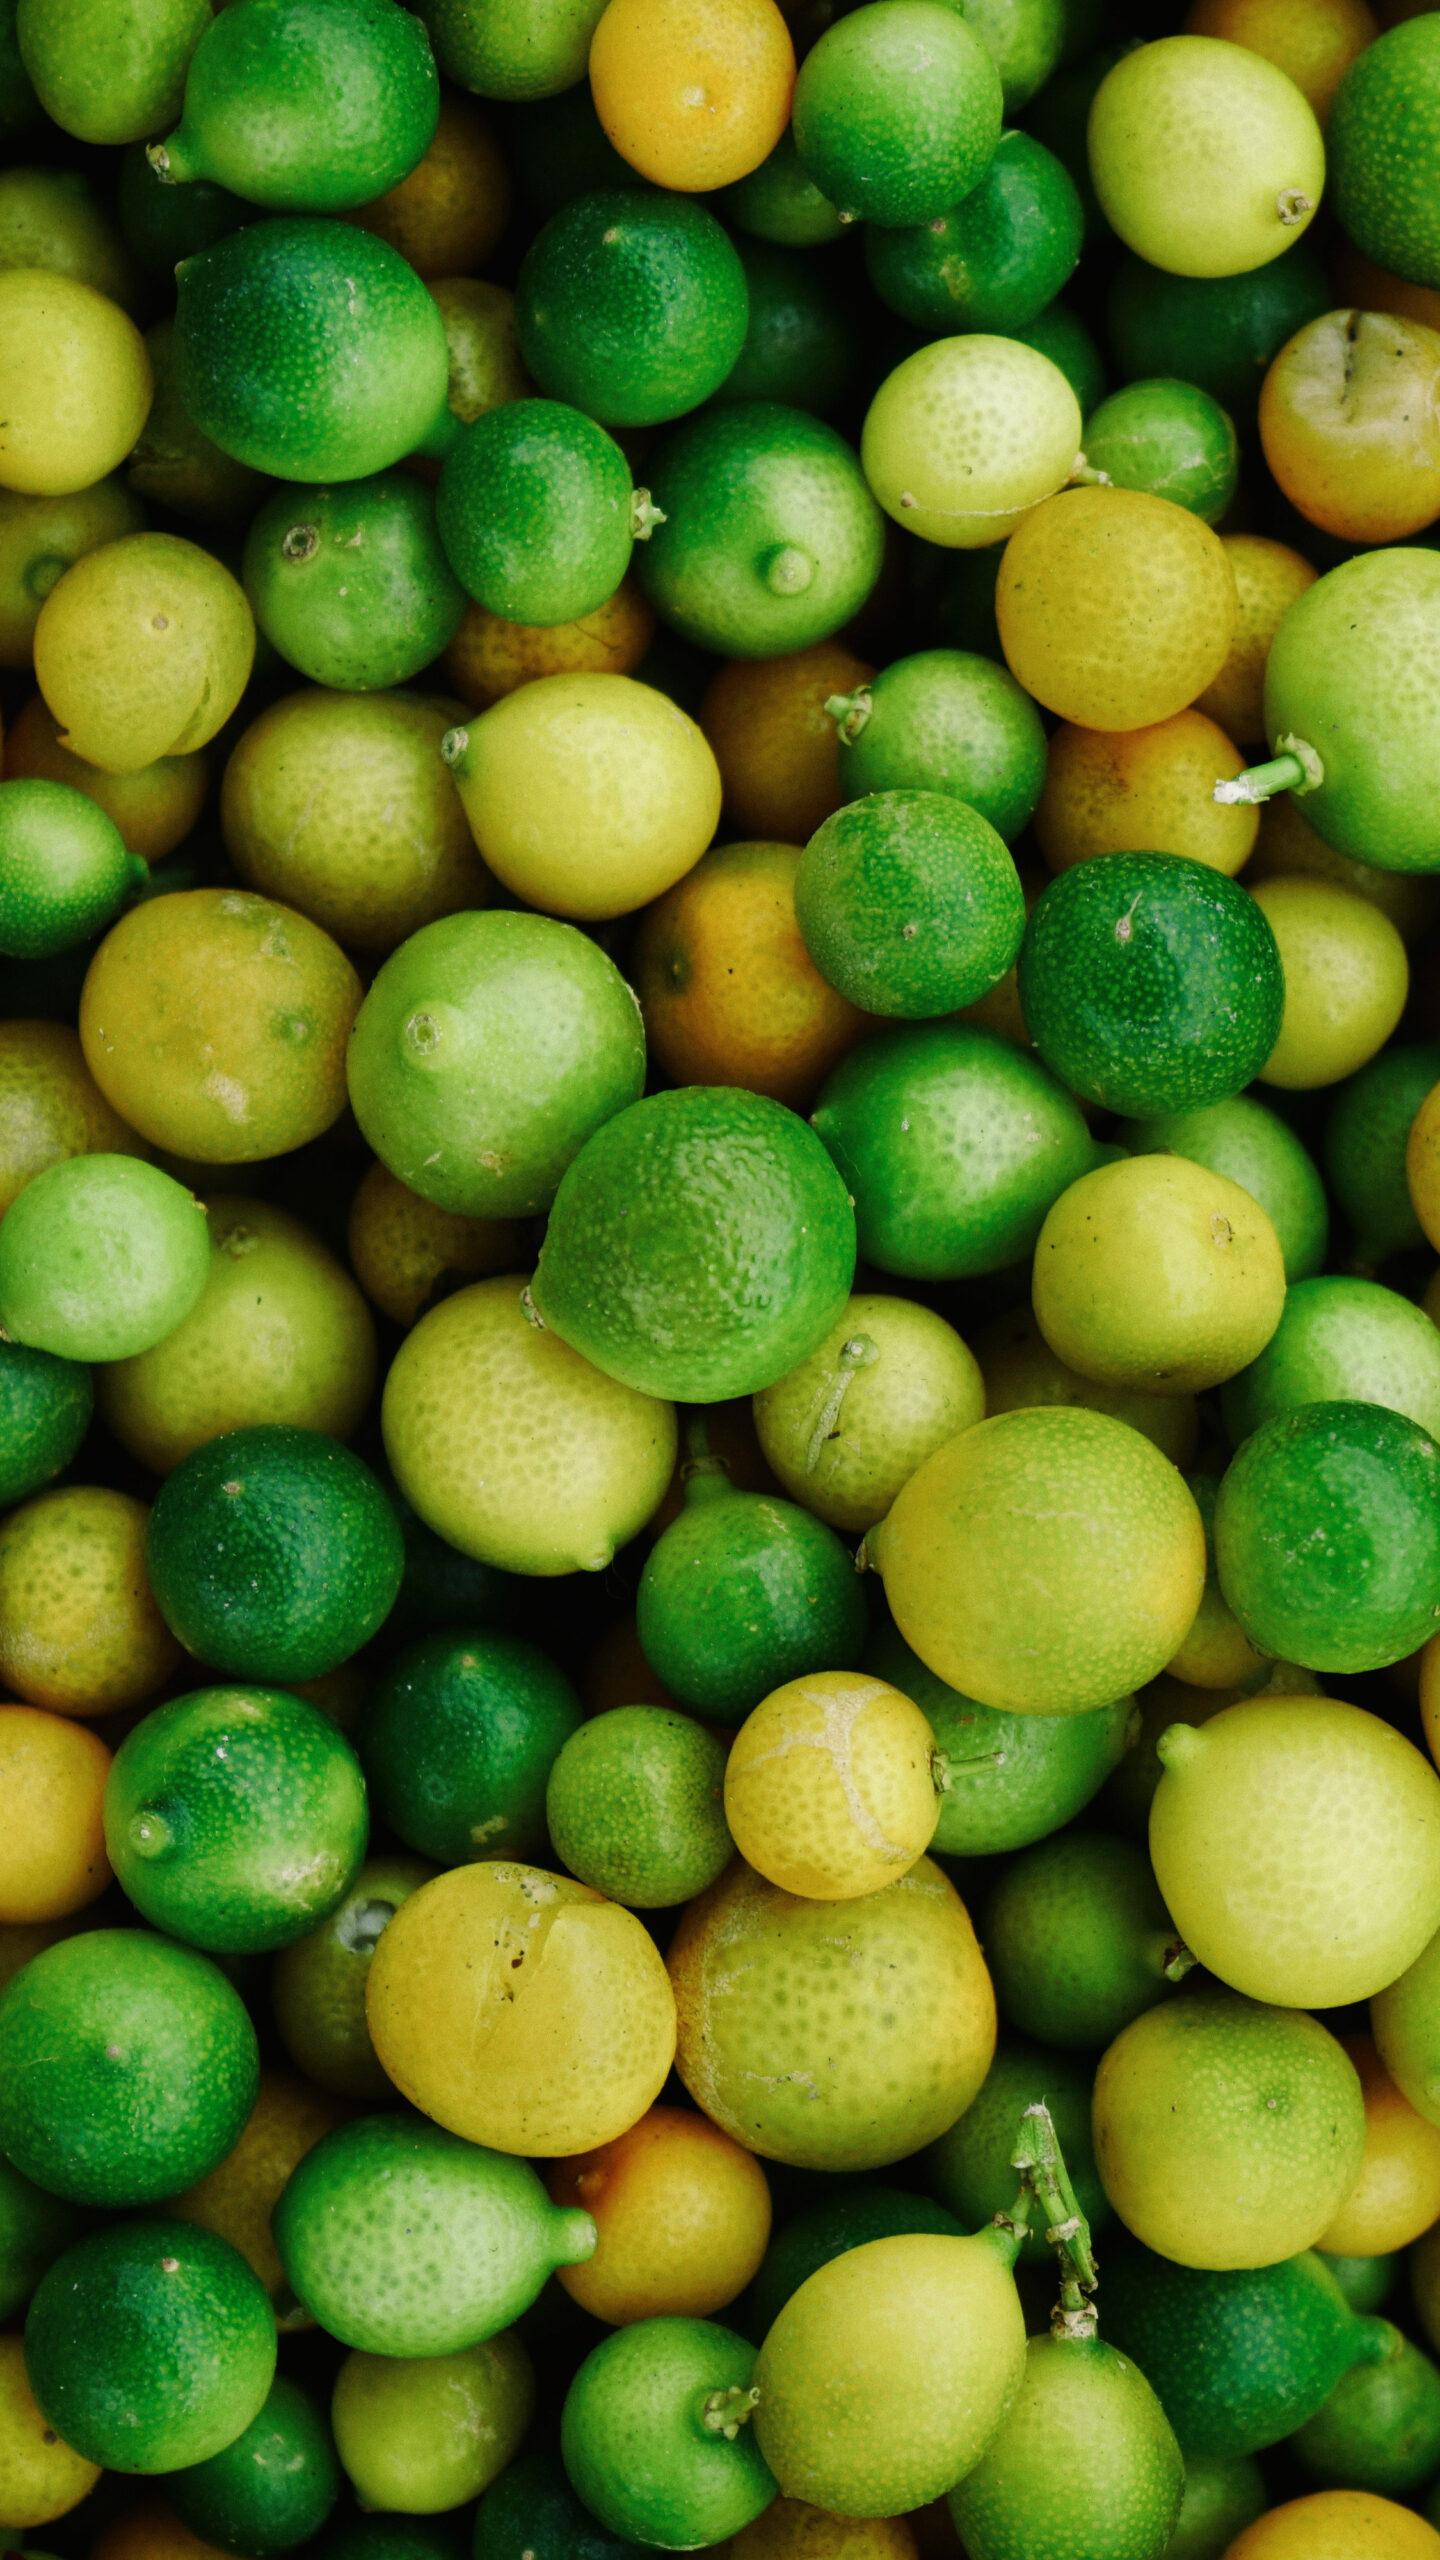 Limones Wallpaper